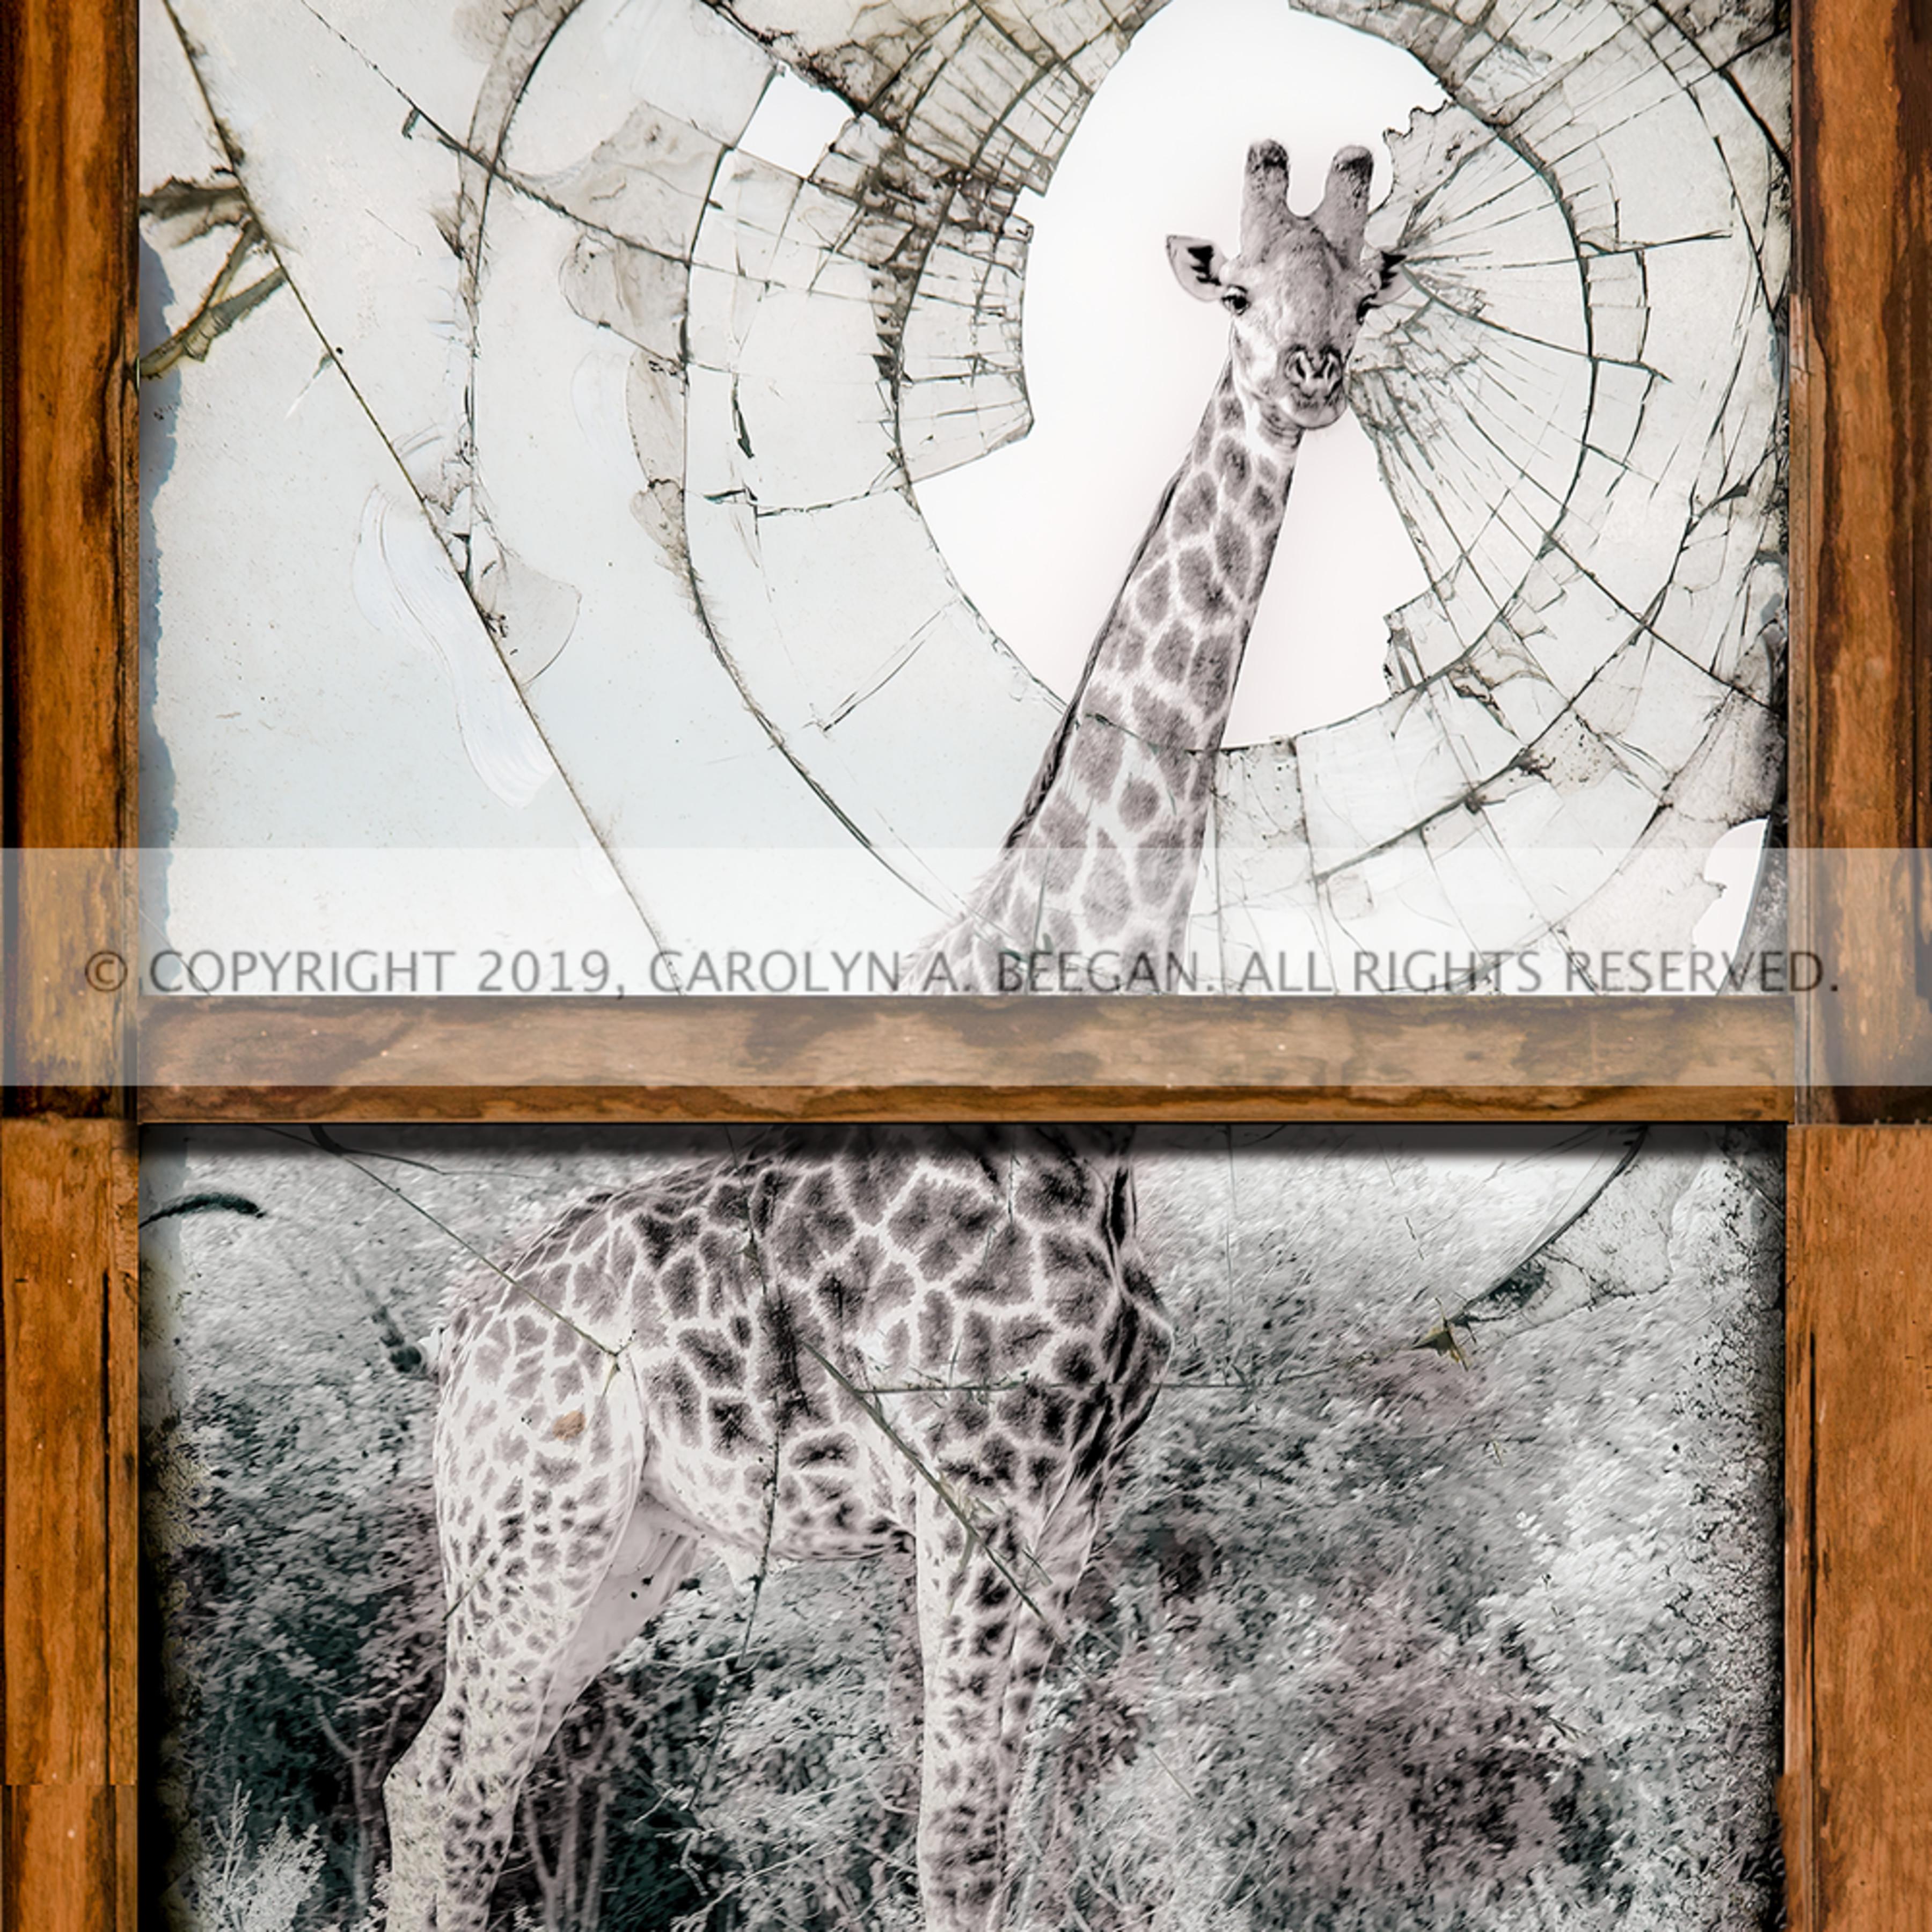 Giraffe window 002 1476553598 smaller sharpen jstsj1